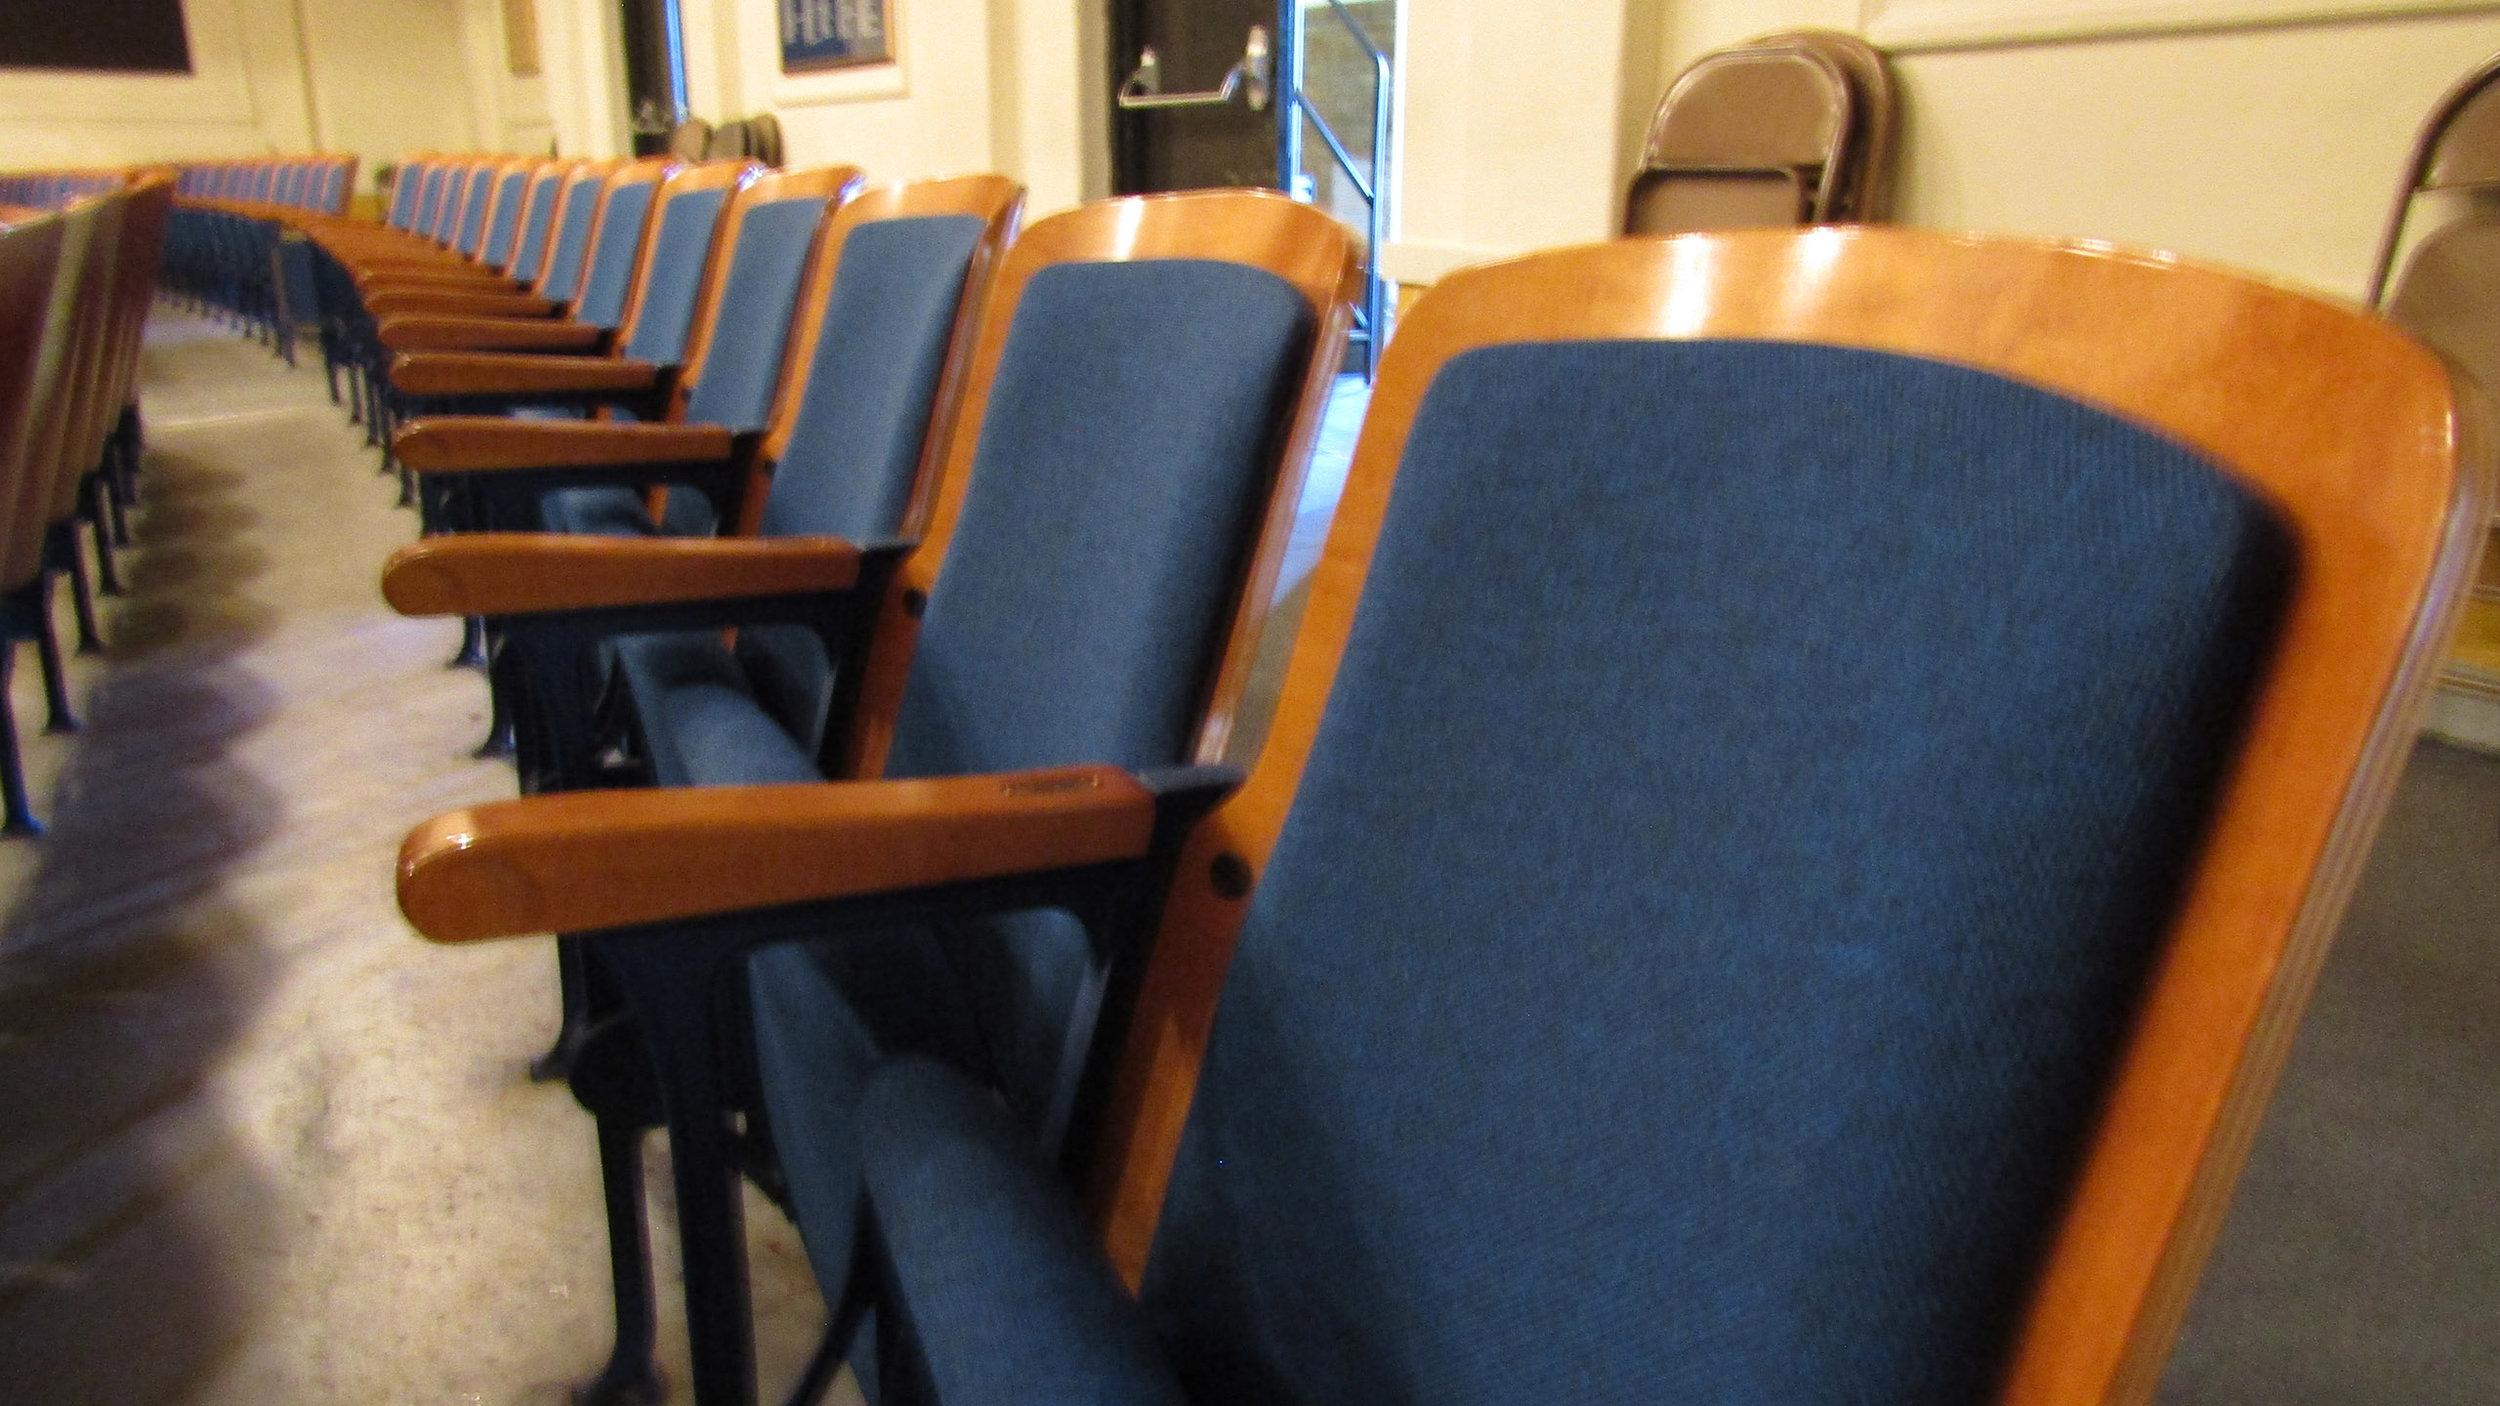 Auditorium_9997.jpg